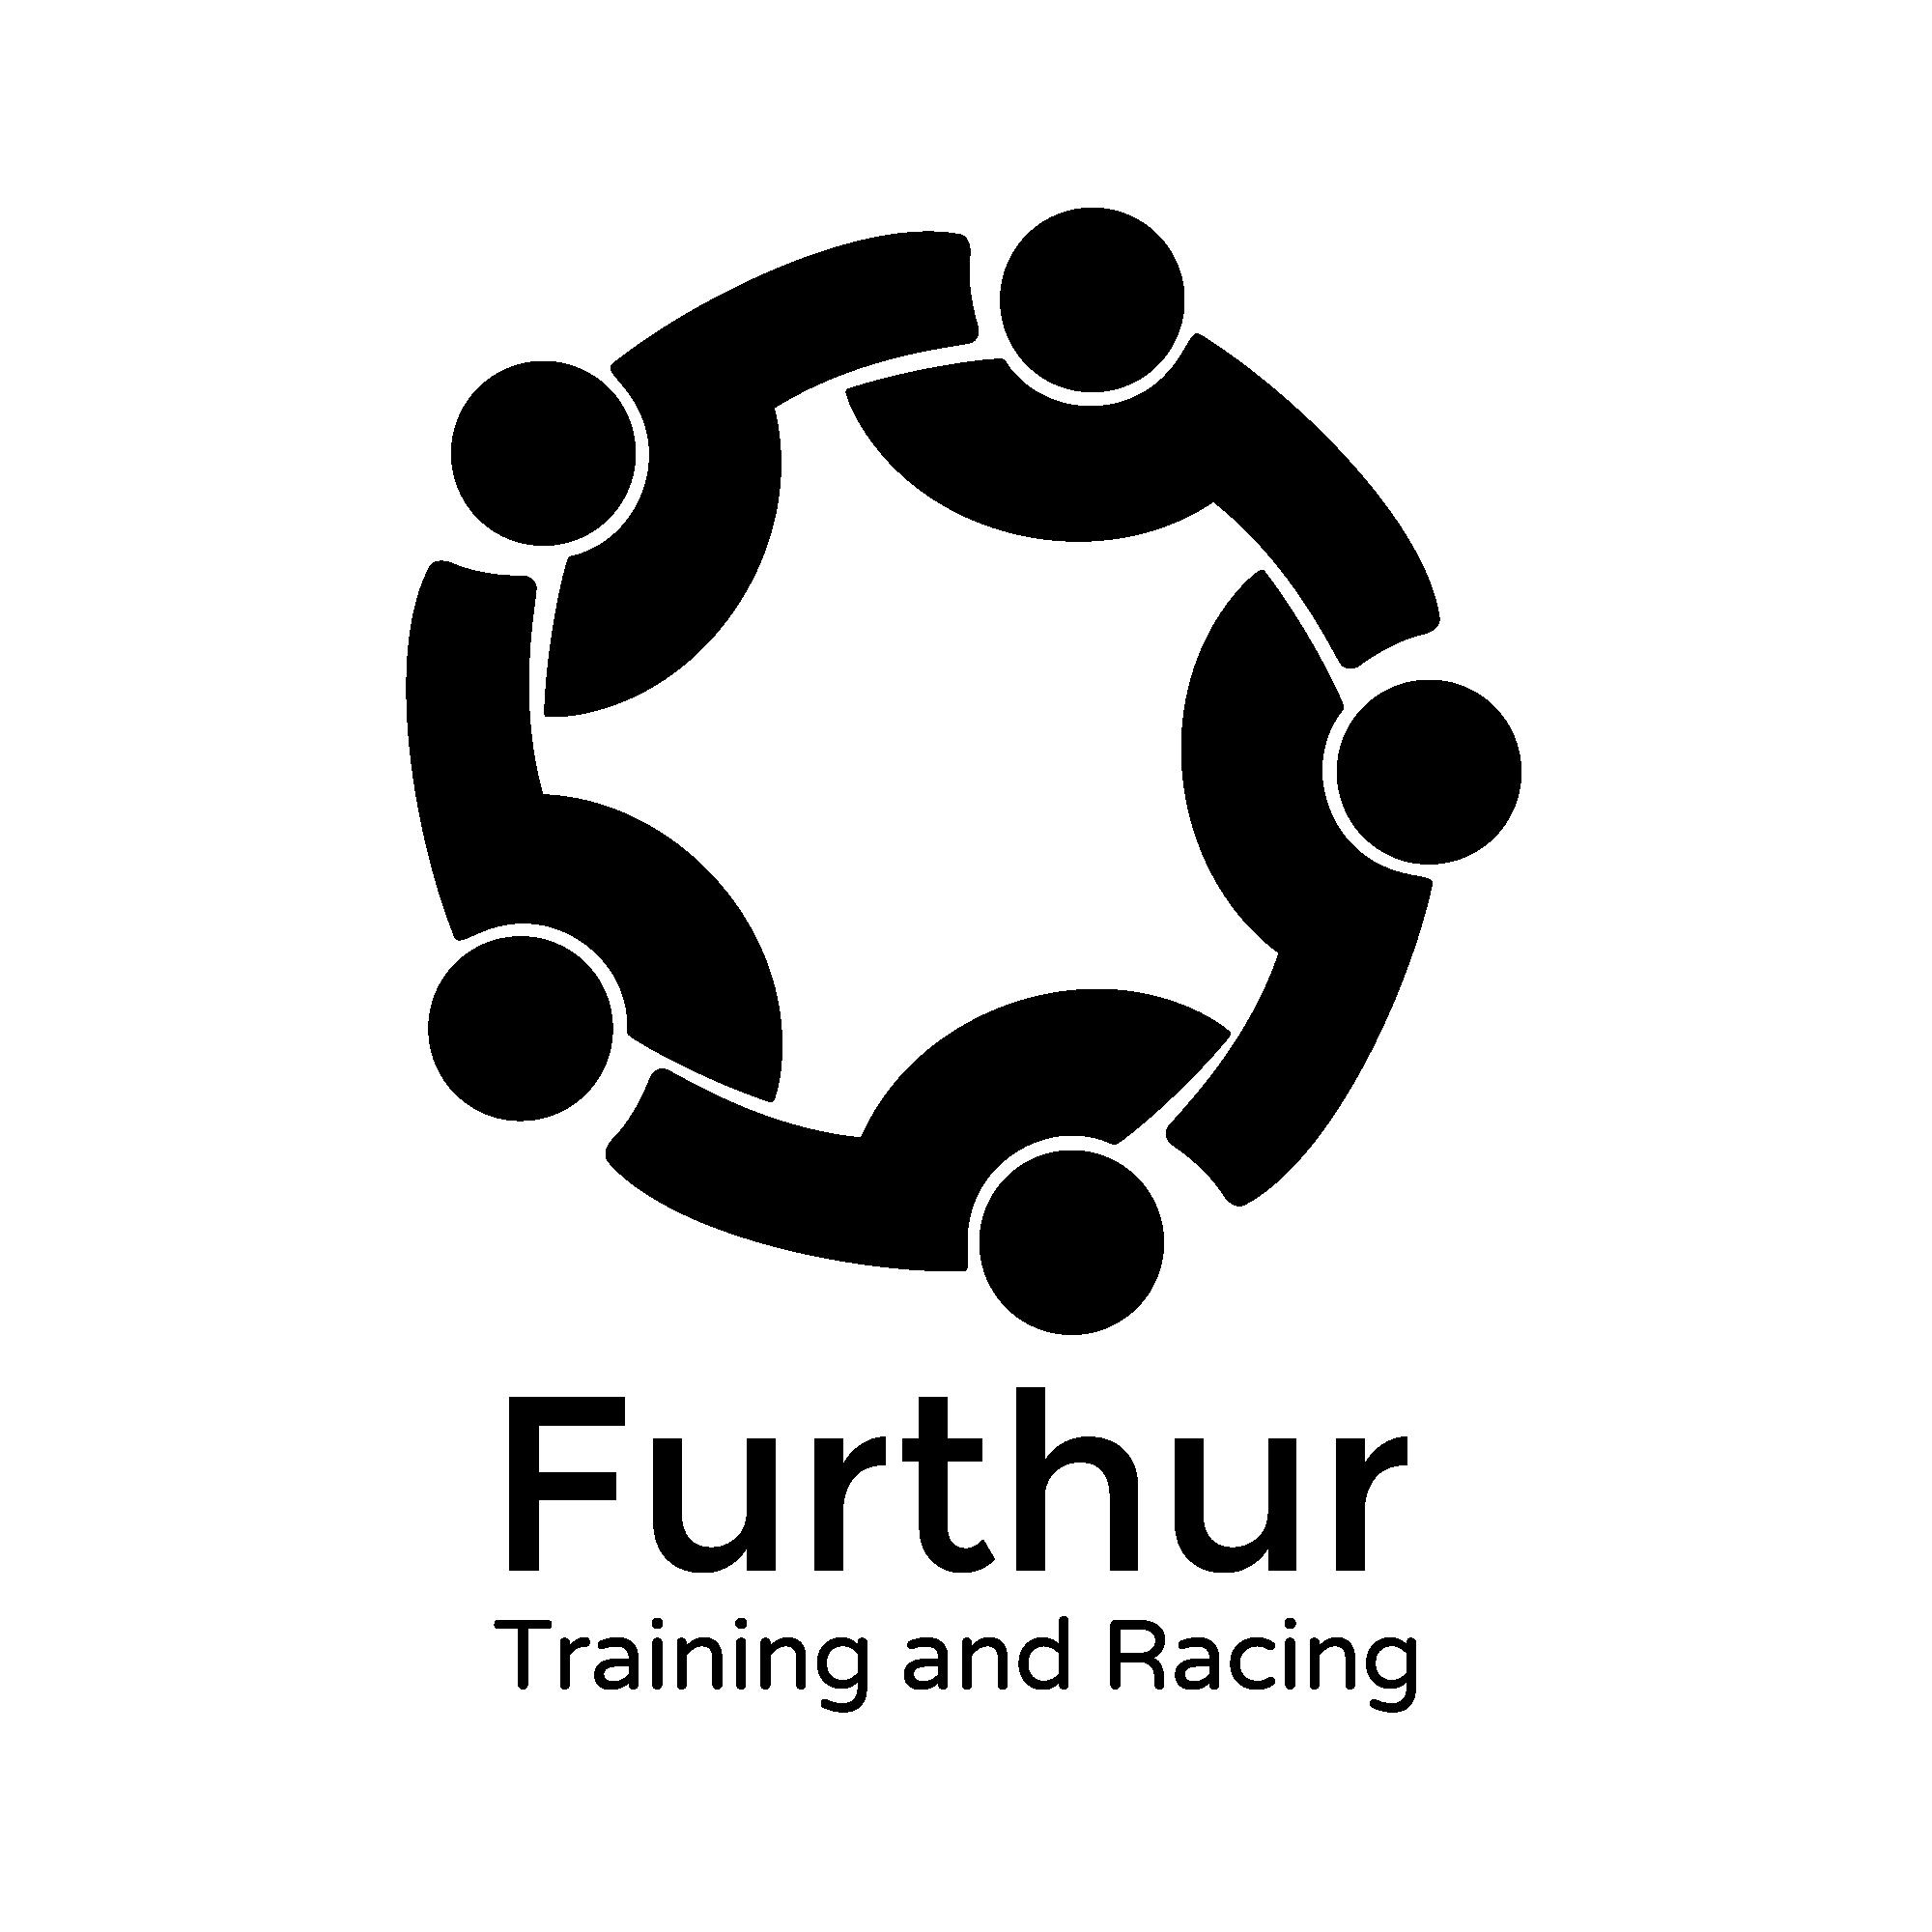 Furthur_logo_square.png